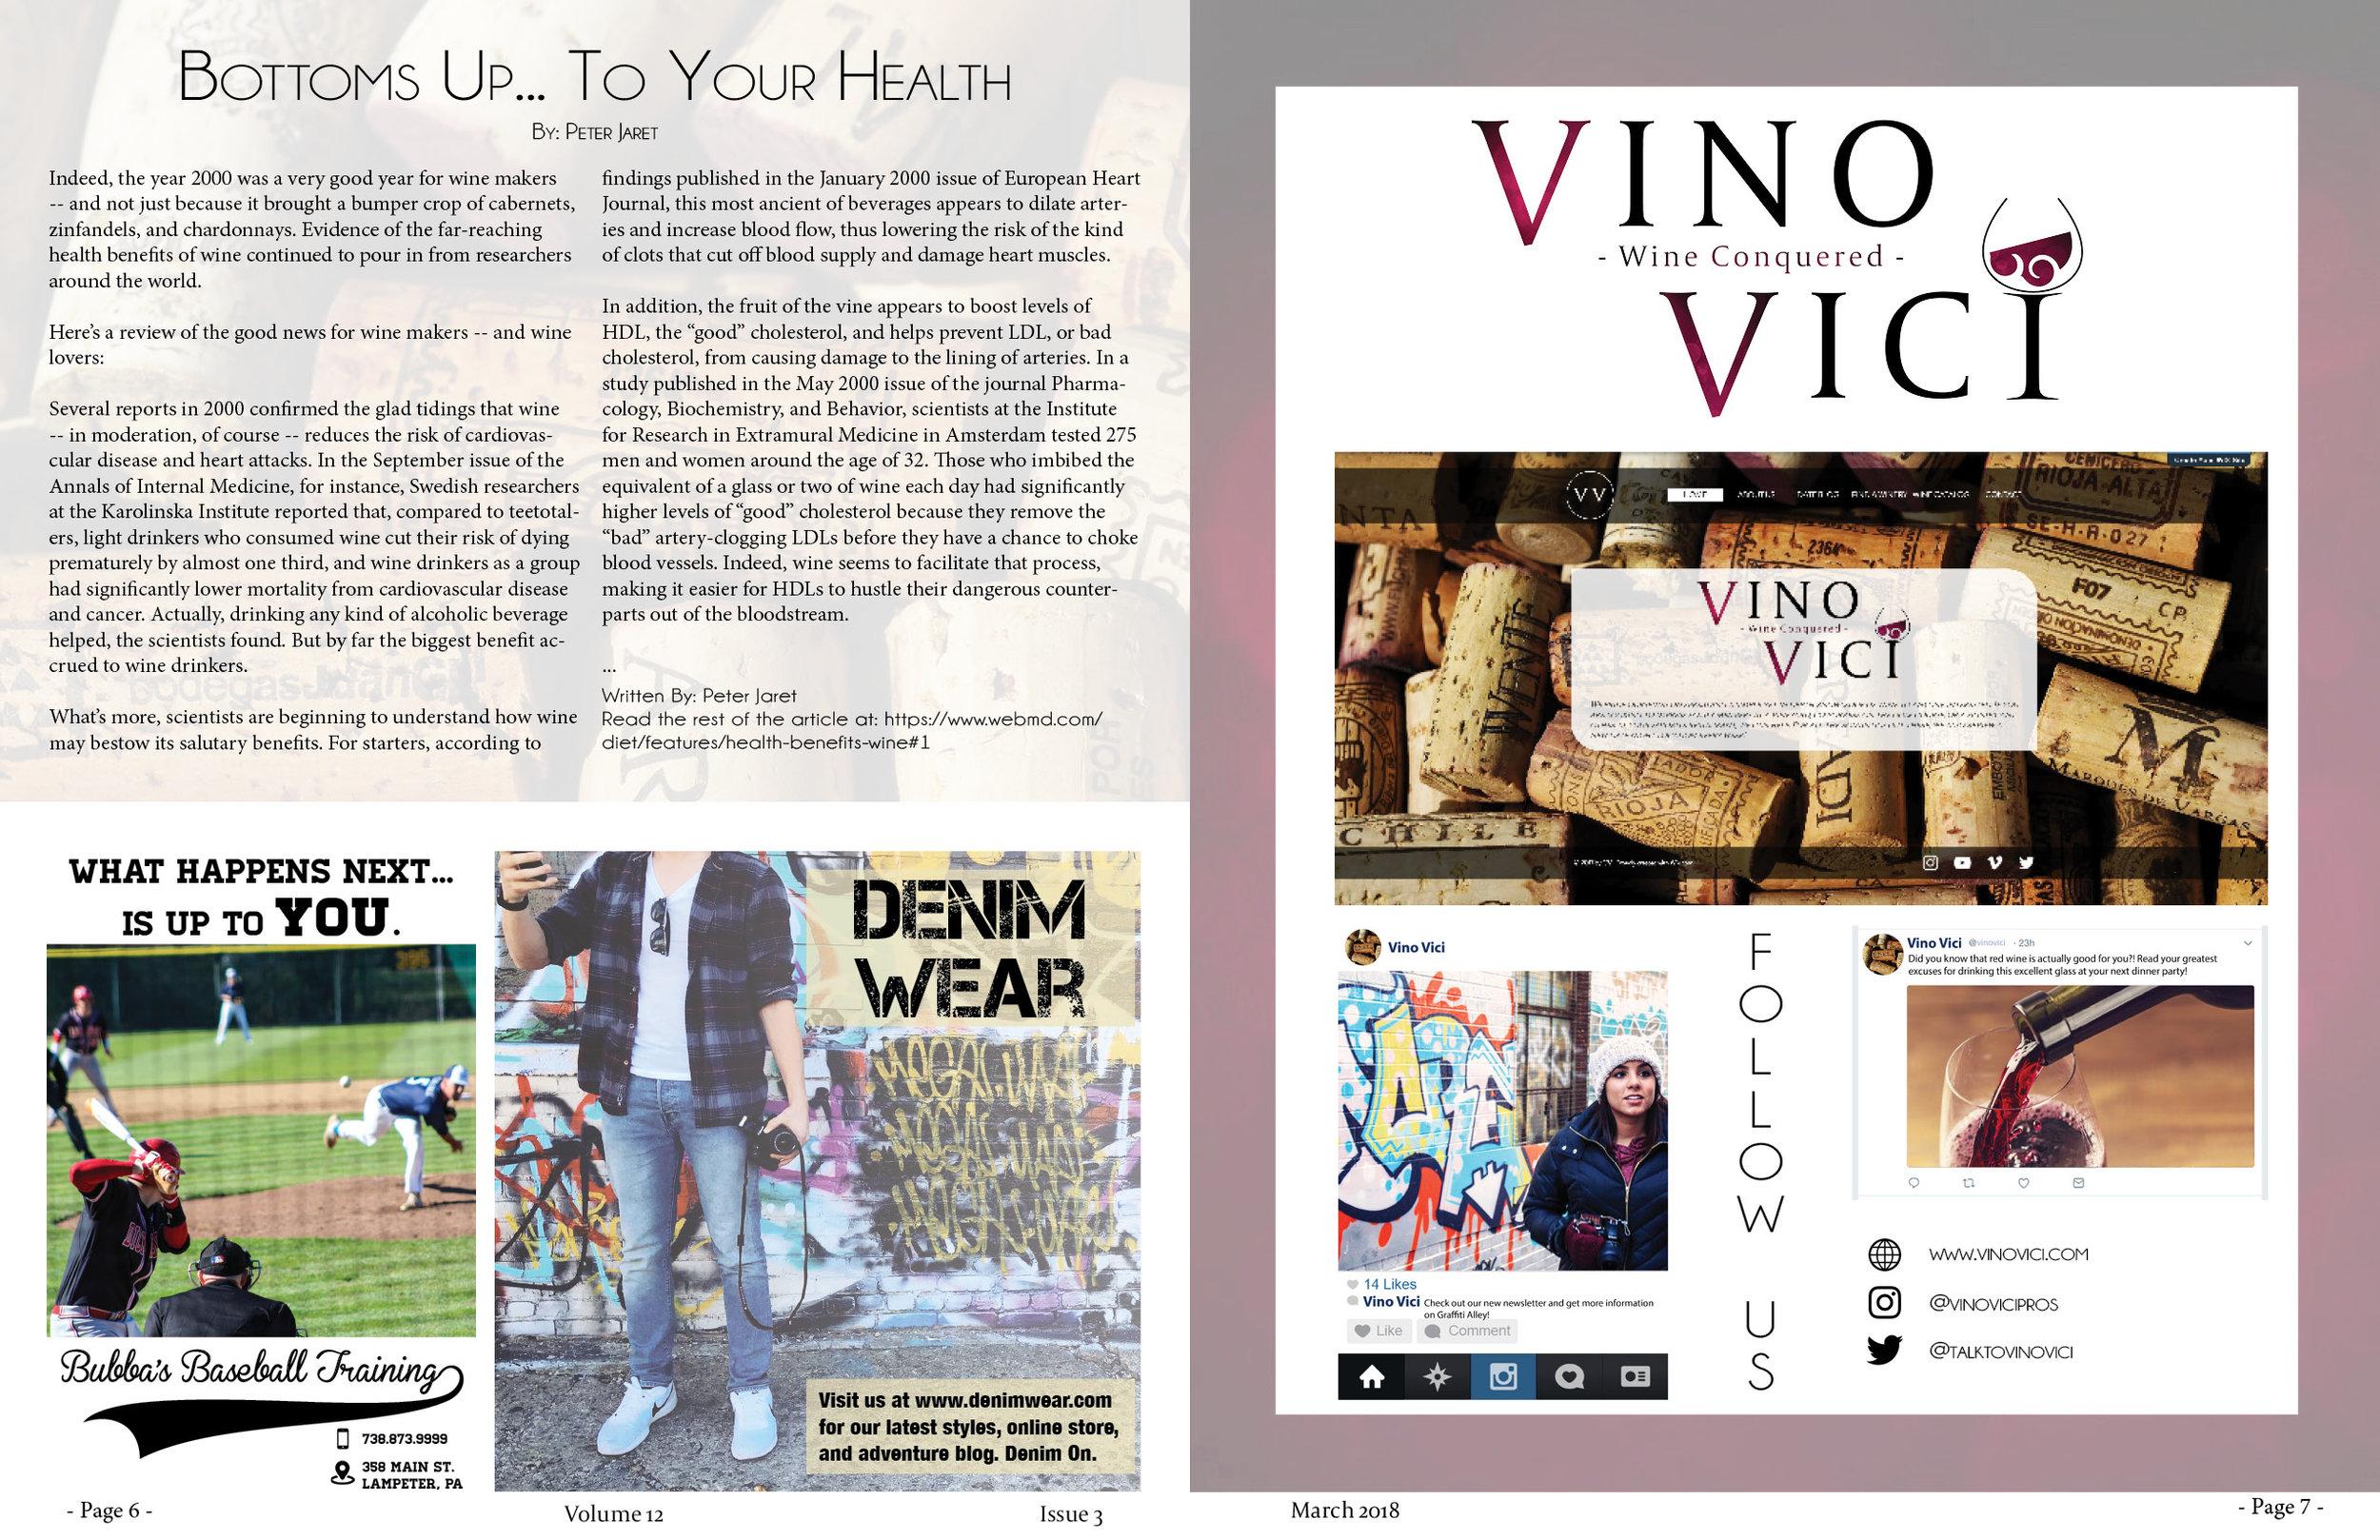 VinoViciNewsletter4.jpg